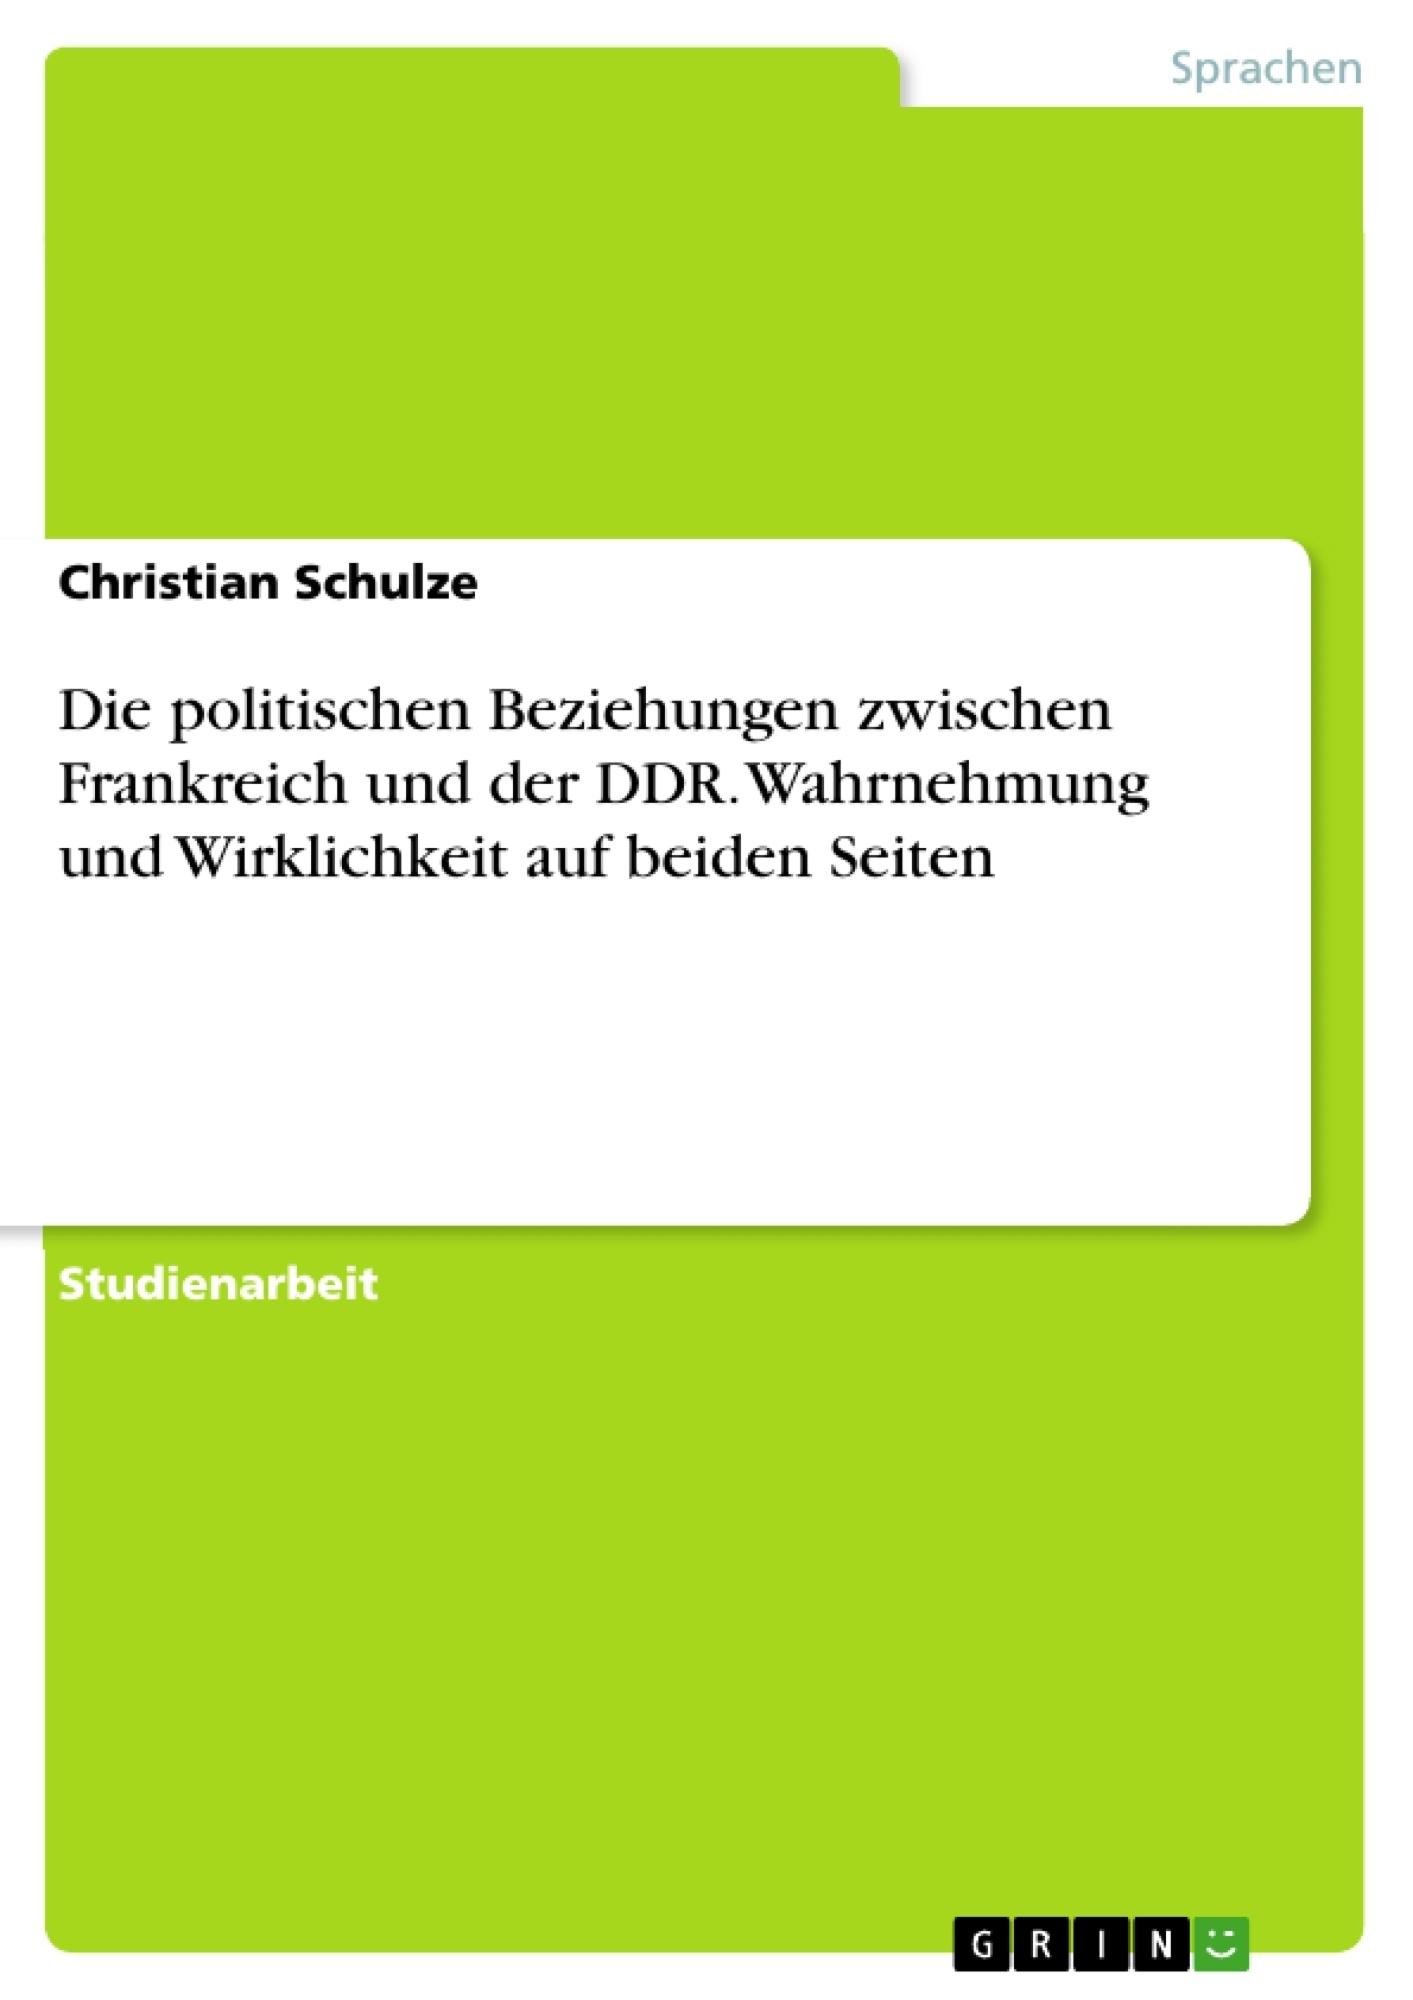 Titel: Die politischen Beziehungen zwischen Frankreich und der DDR. Wahrnehmung und Wirklichkeit auf beiden Seiten